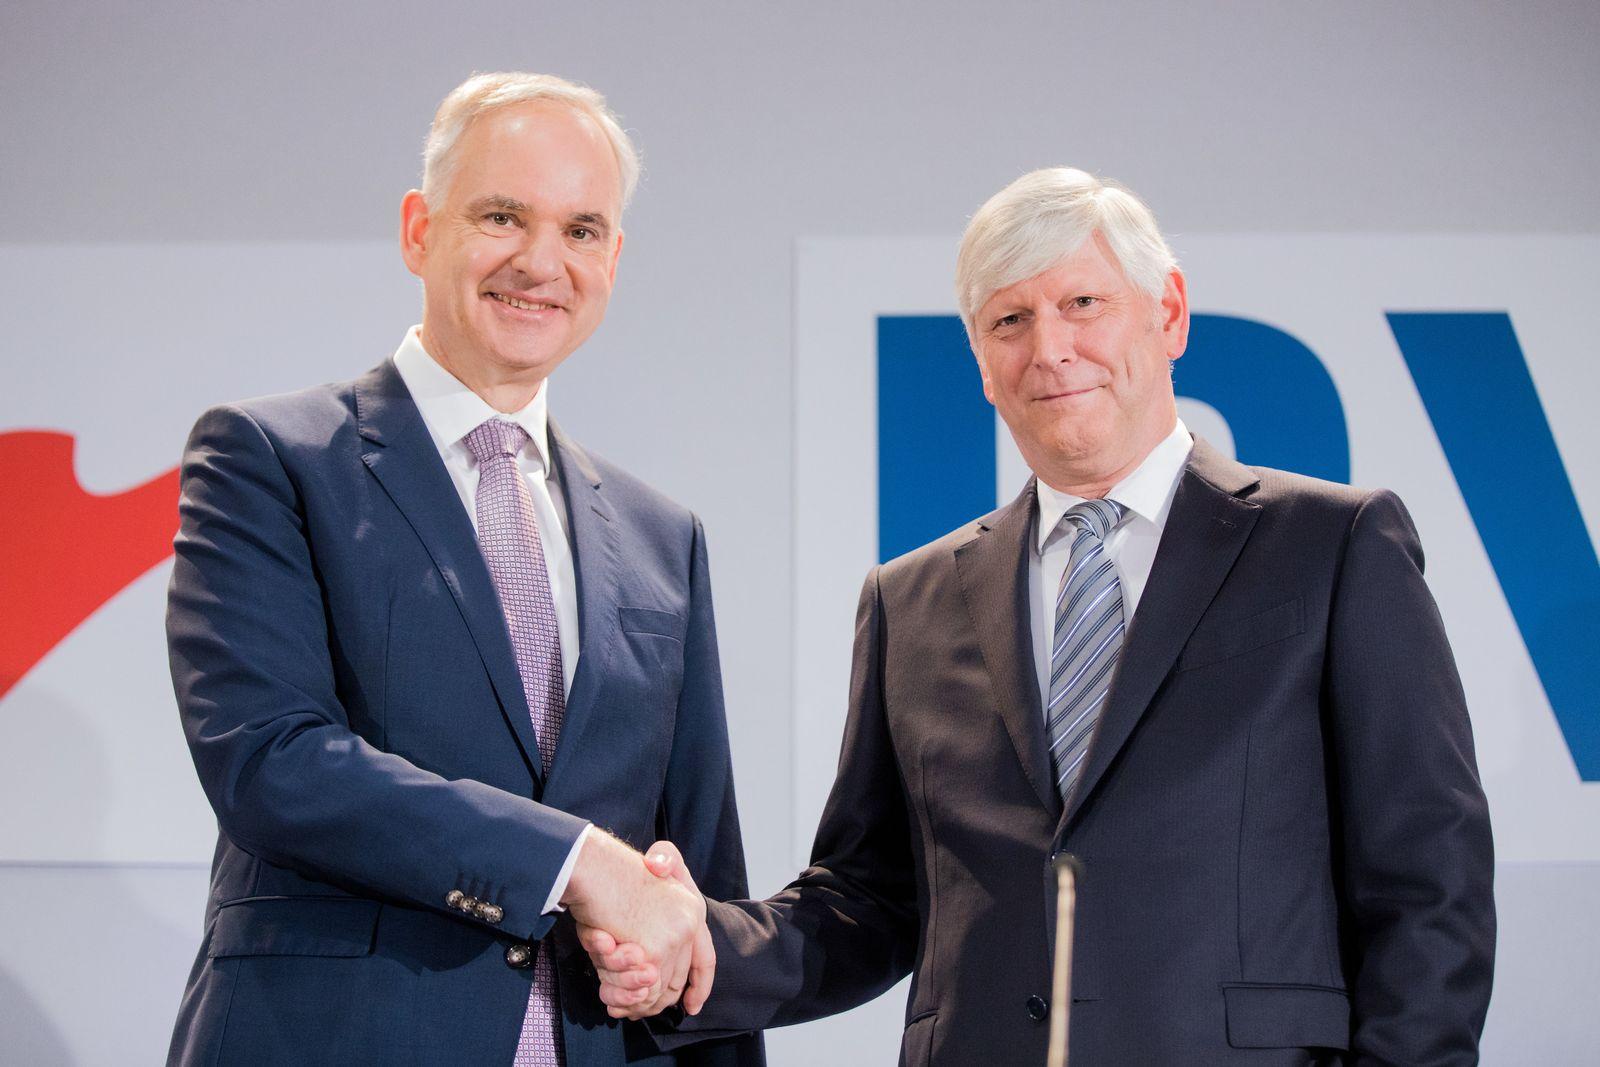 Pressekonferenz von RWE und E.ON